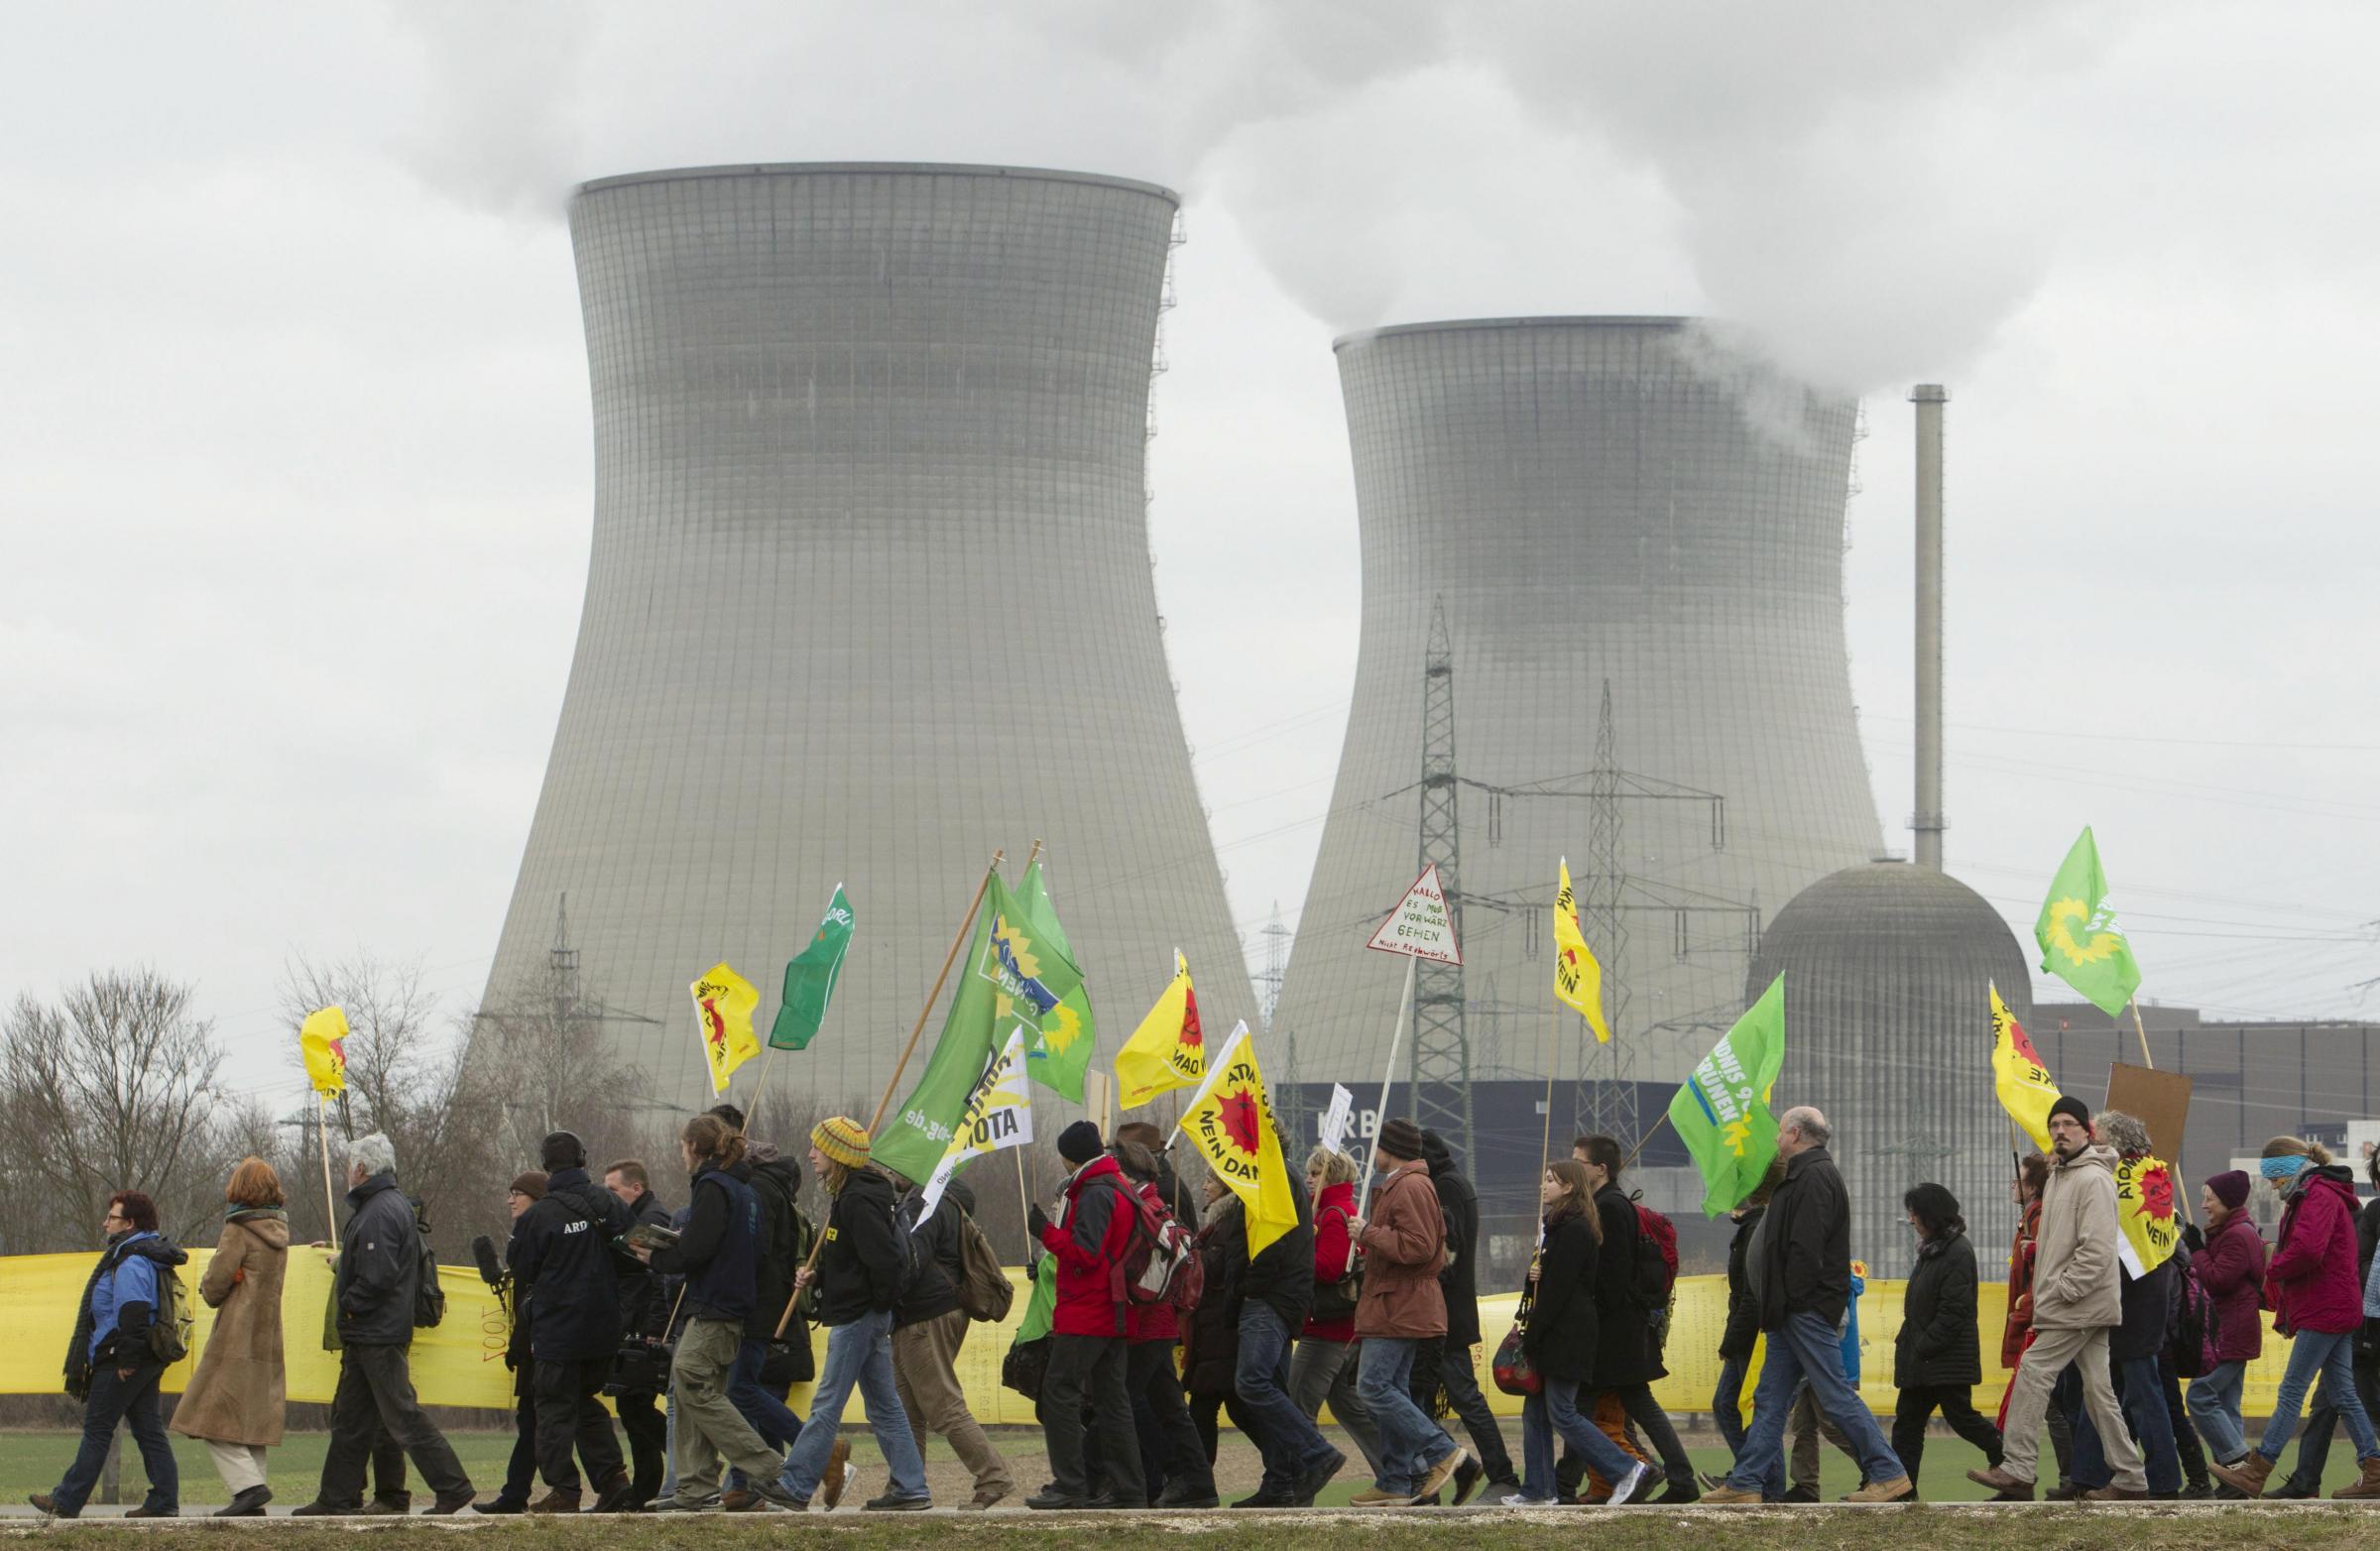 La Germania inizia a spegnere le centrali nucleari, ma la strada è ancora lunga